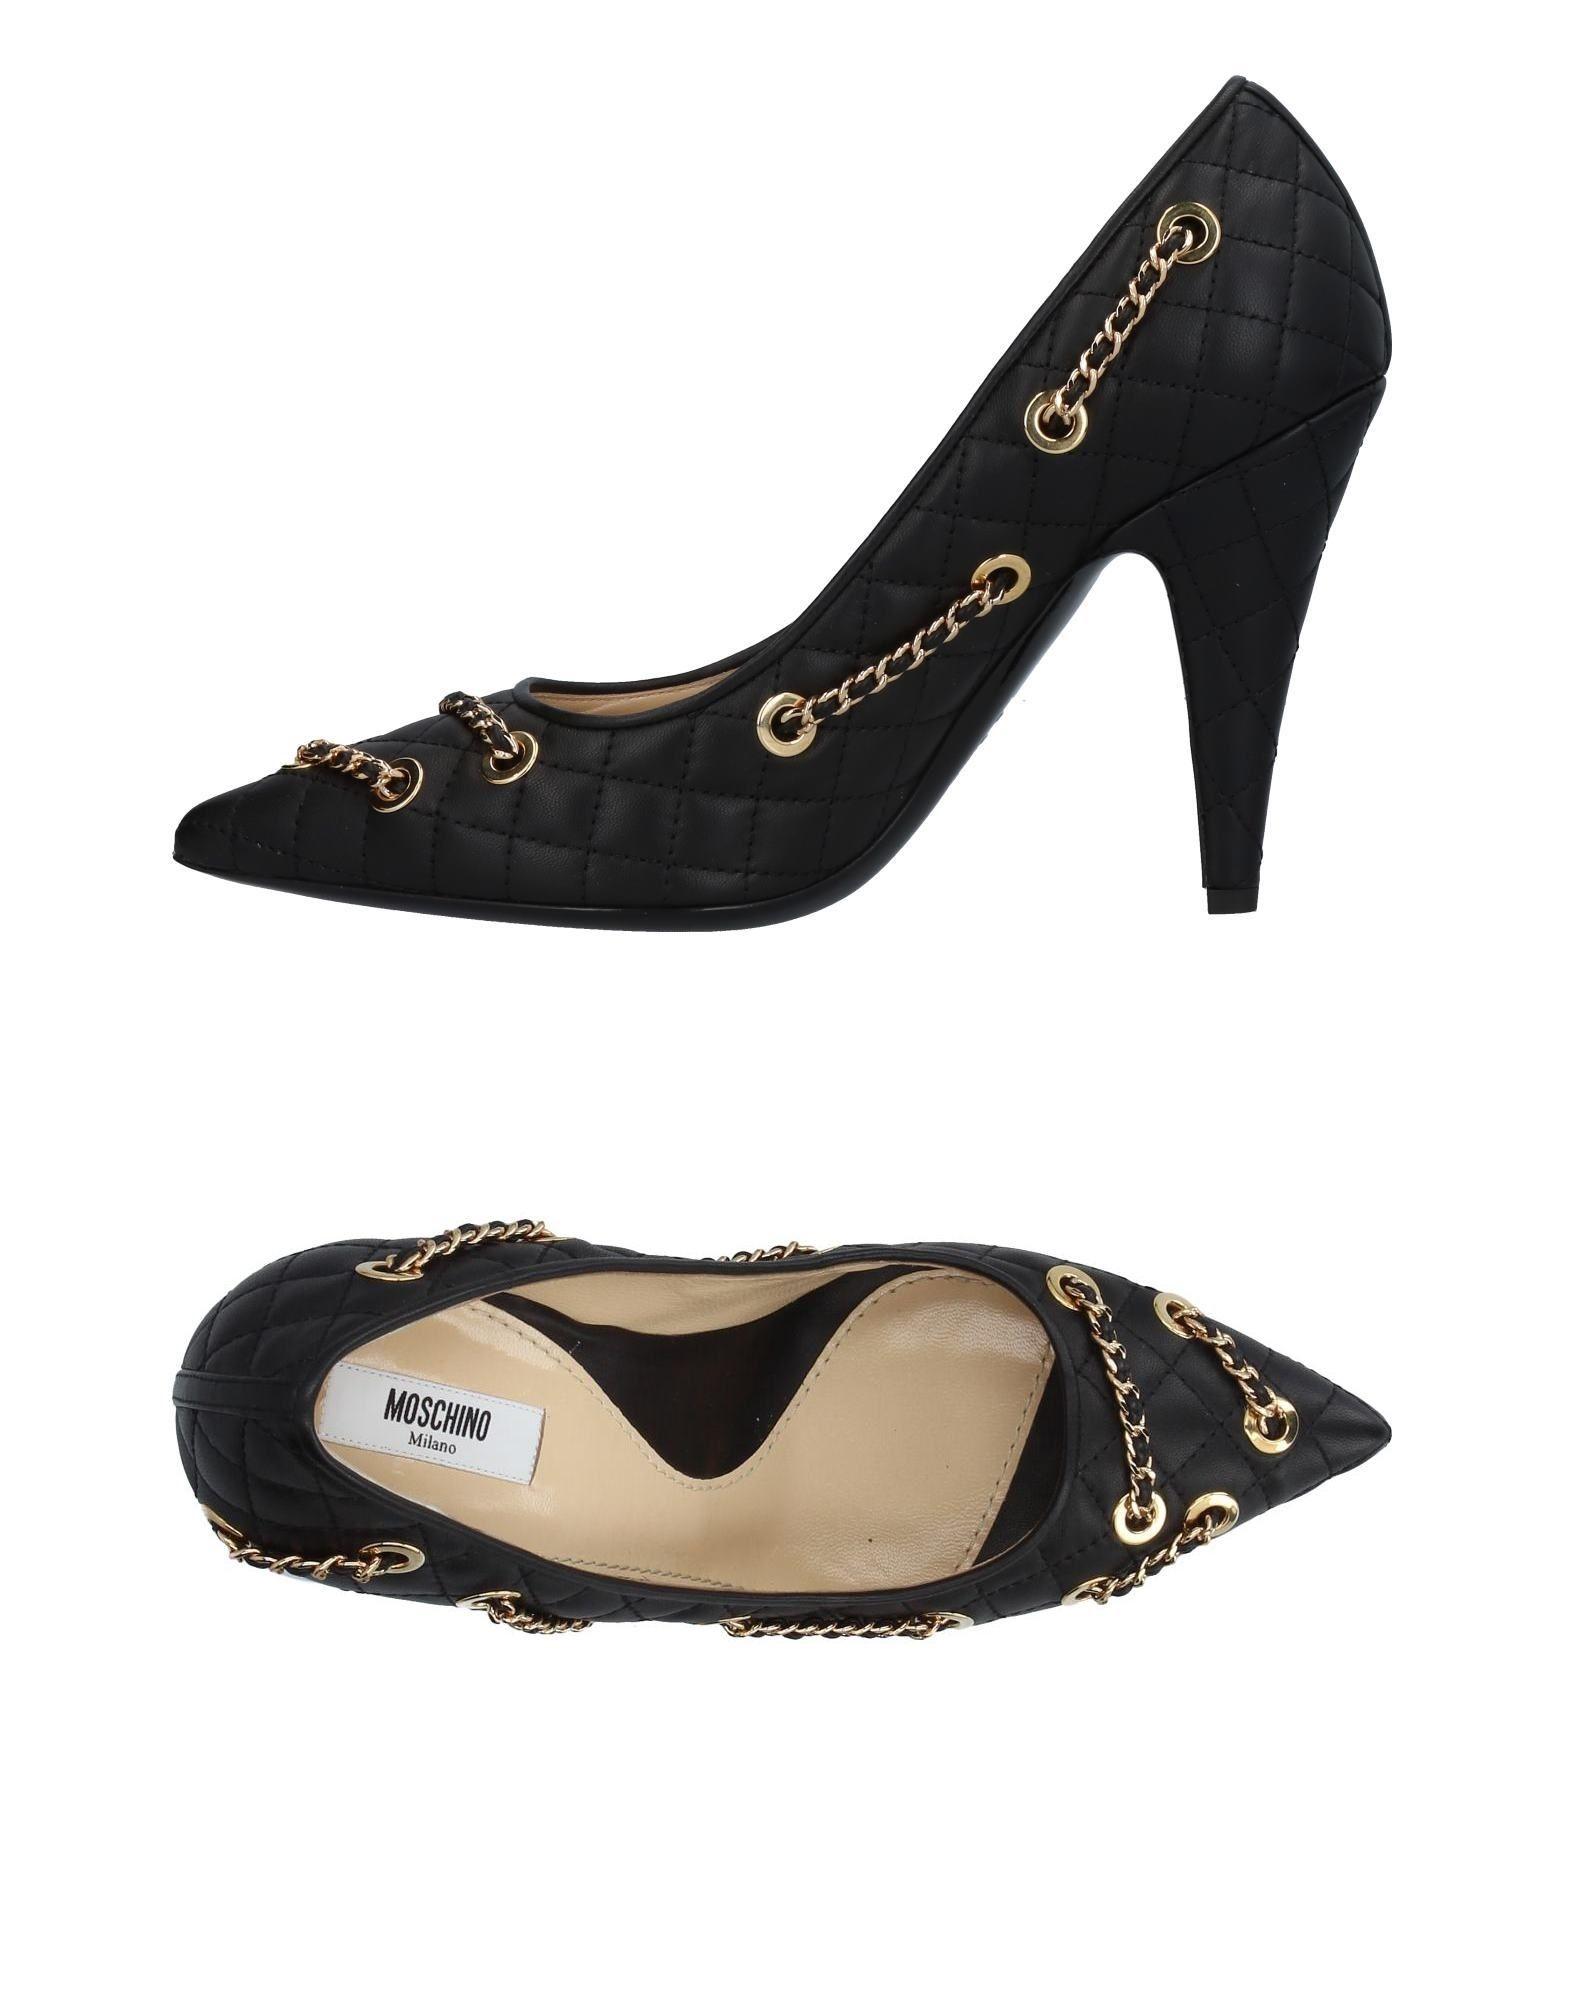 Rabatt Schuhe Moschino Damen Pumps Damen Moschino  11417121KR c33366